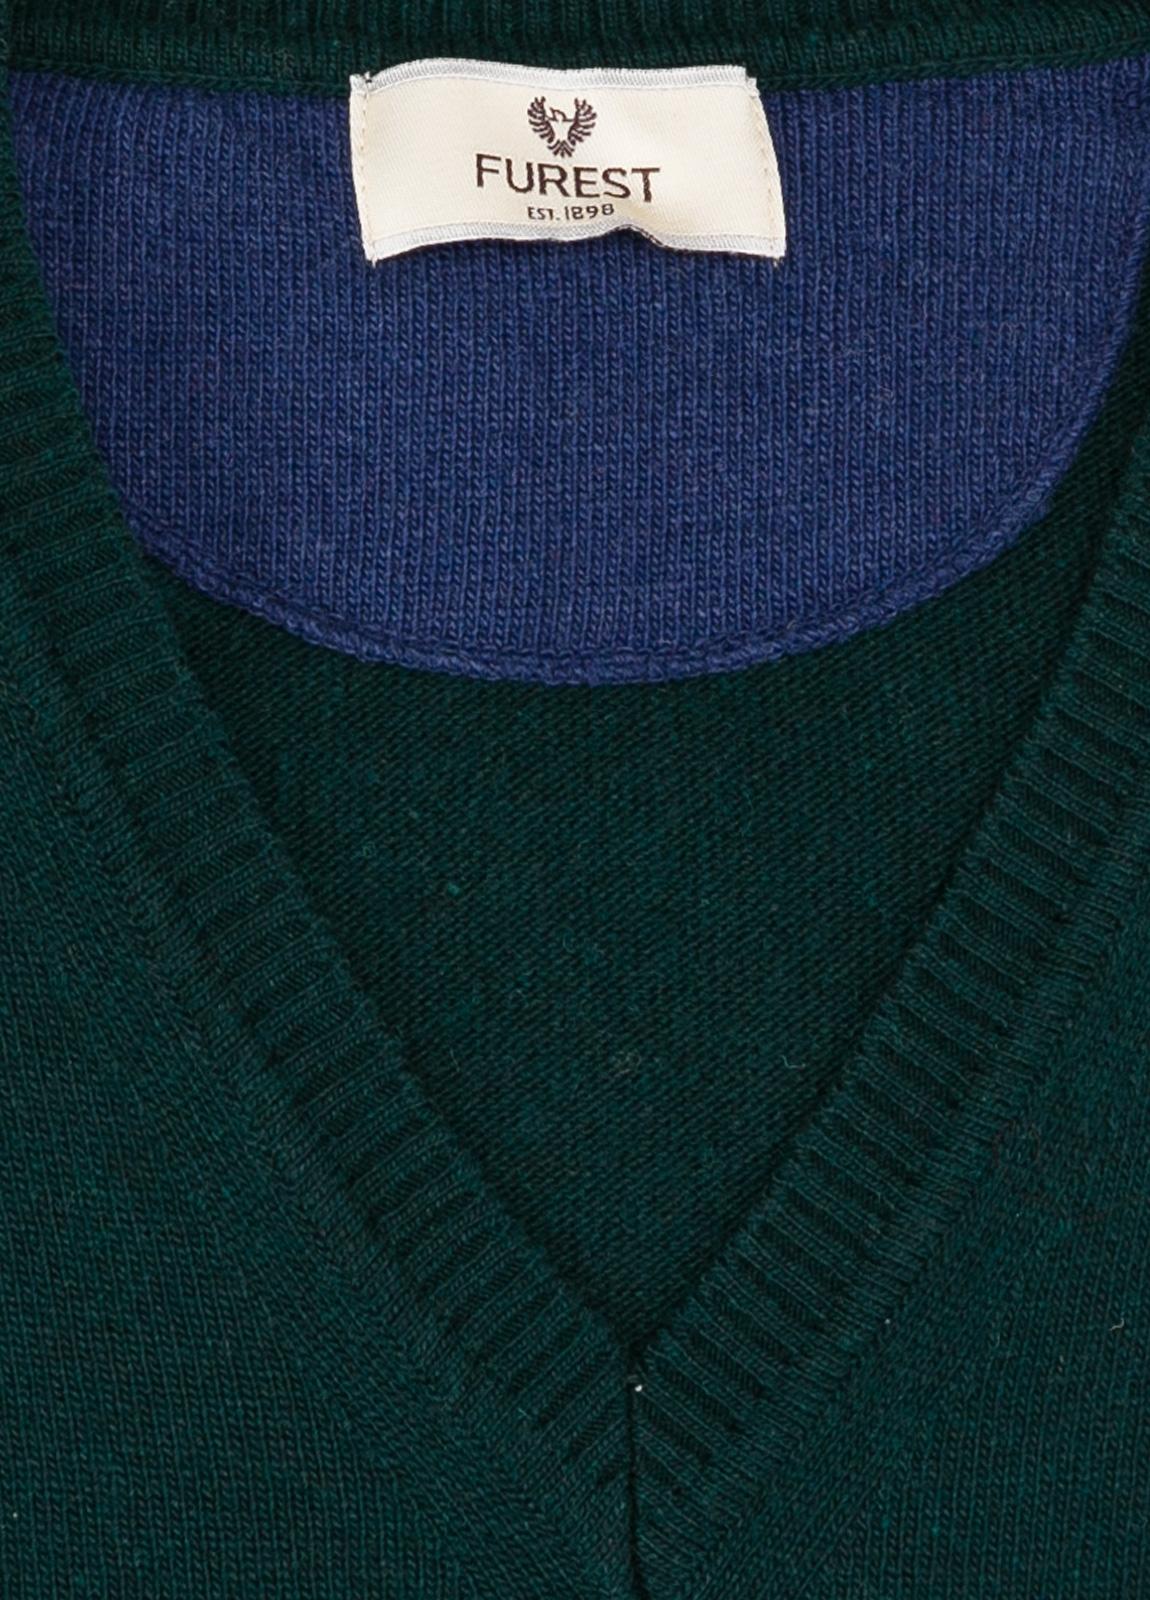 Jersey liso cuello pico color verde botella, 40% lana merino, 20% viscosa, 10% cachemire